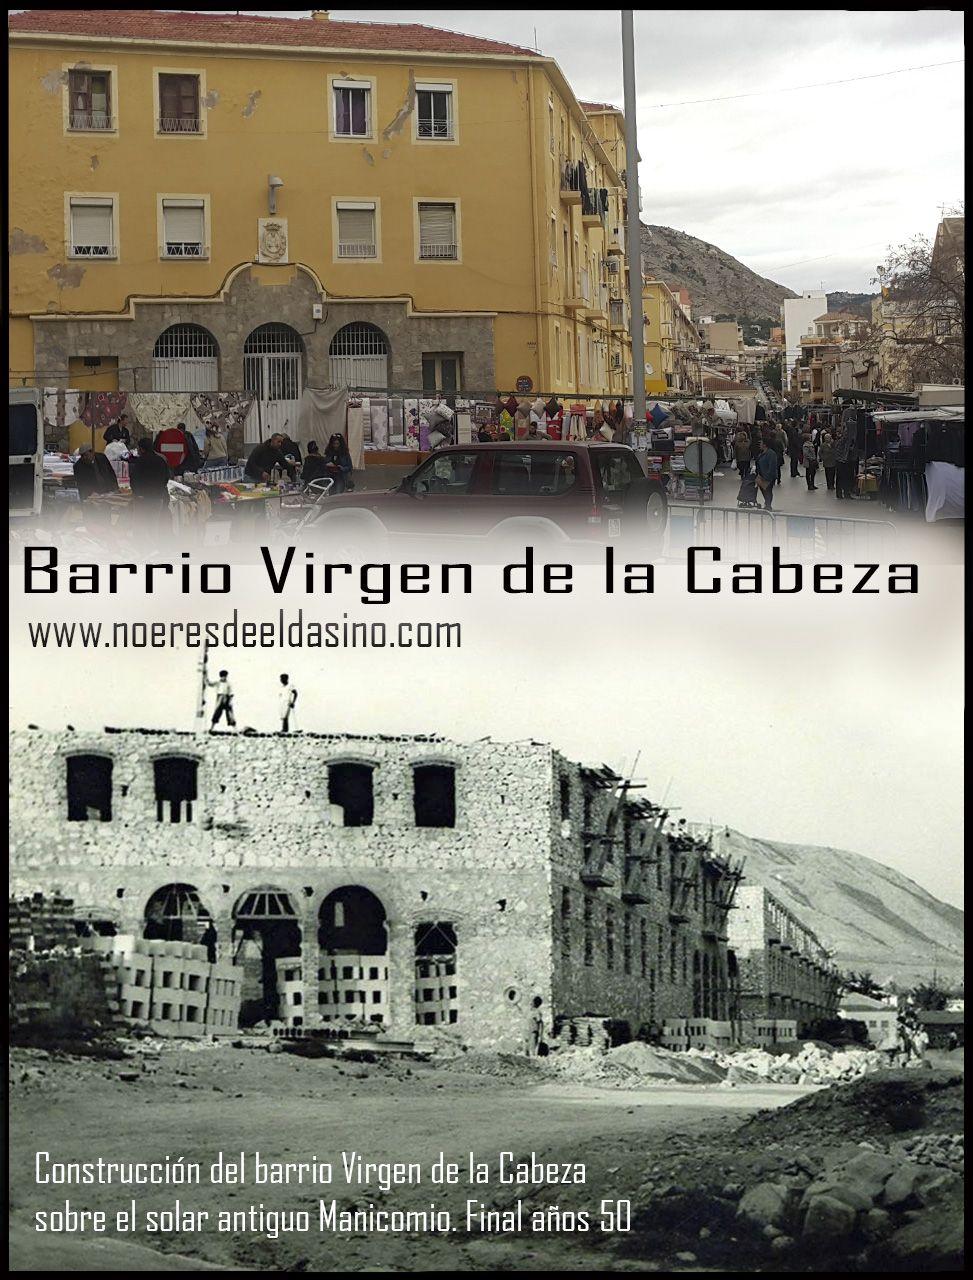 Elda Barrio Virgen de la Cabeza